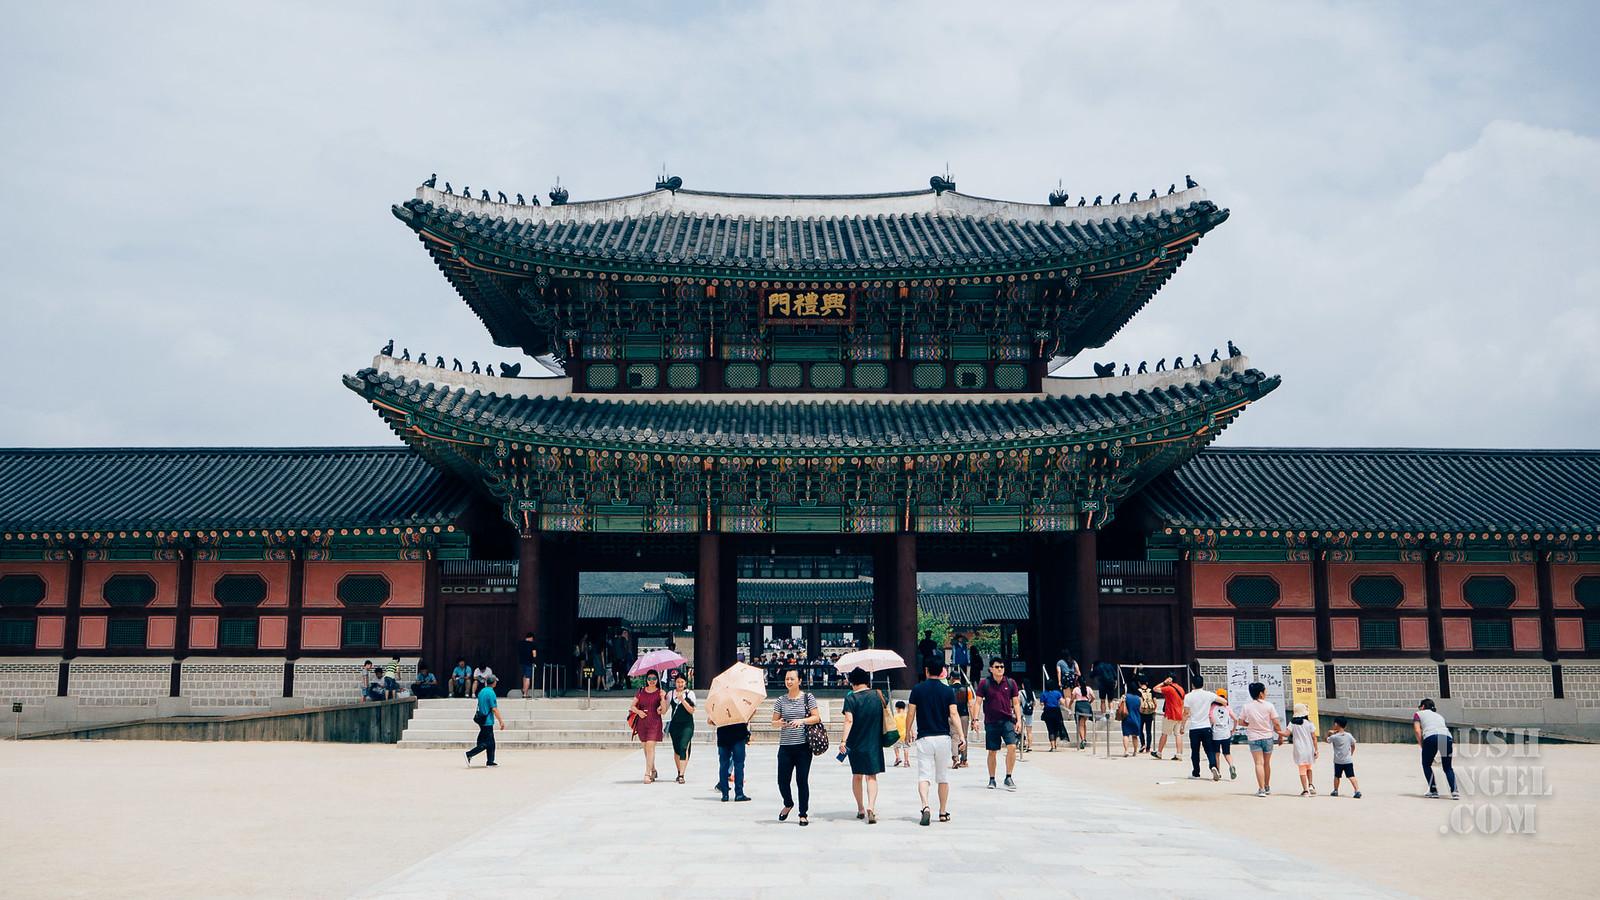 korea-palace